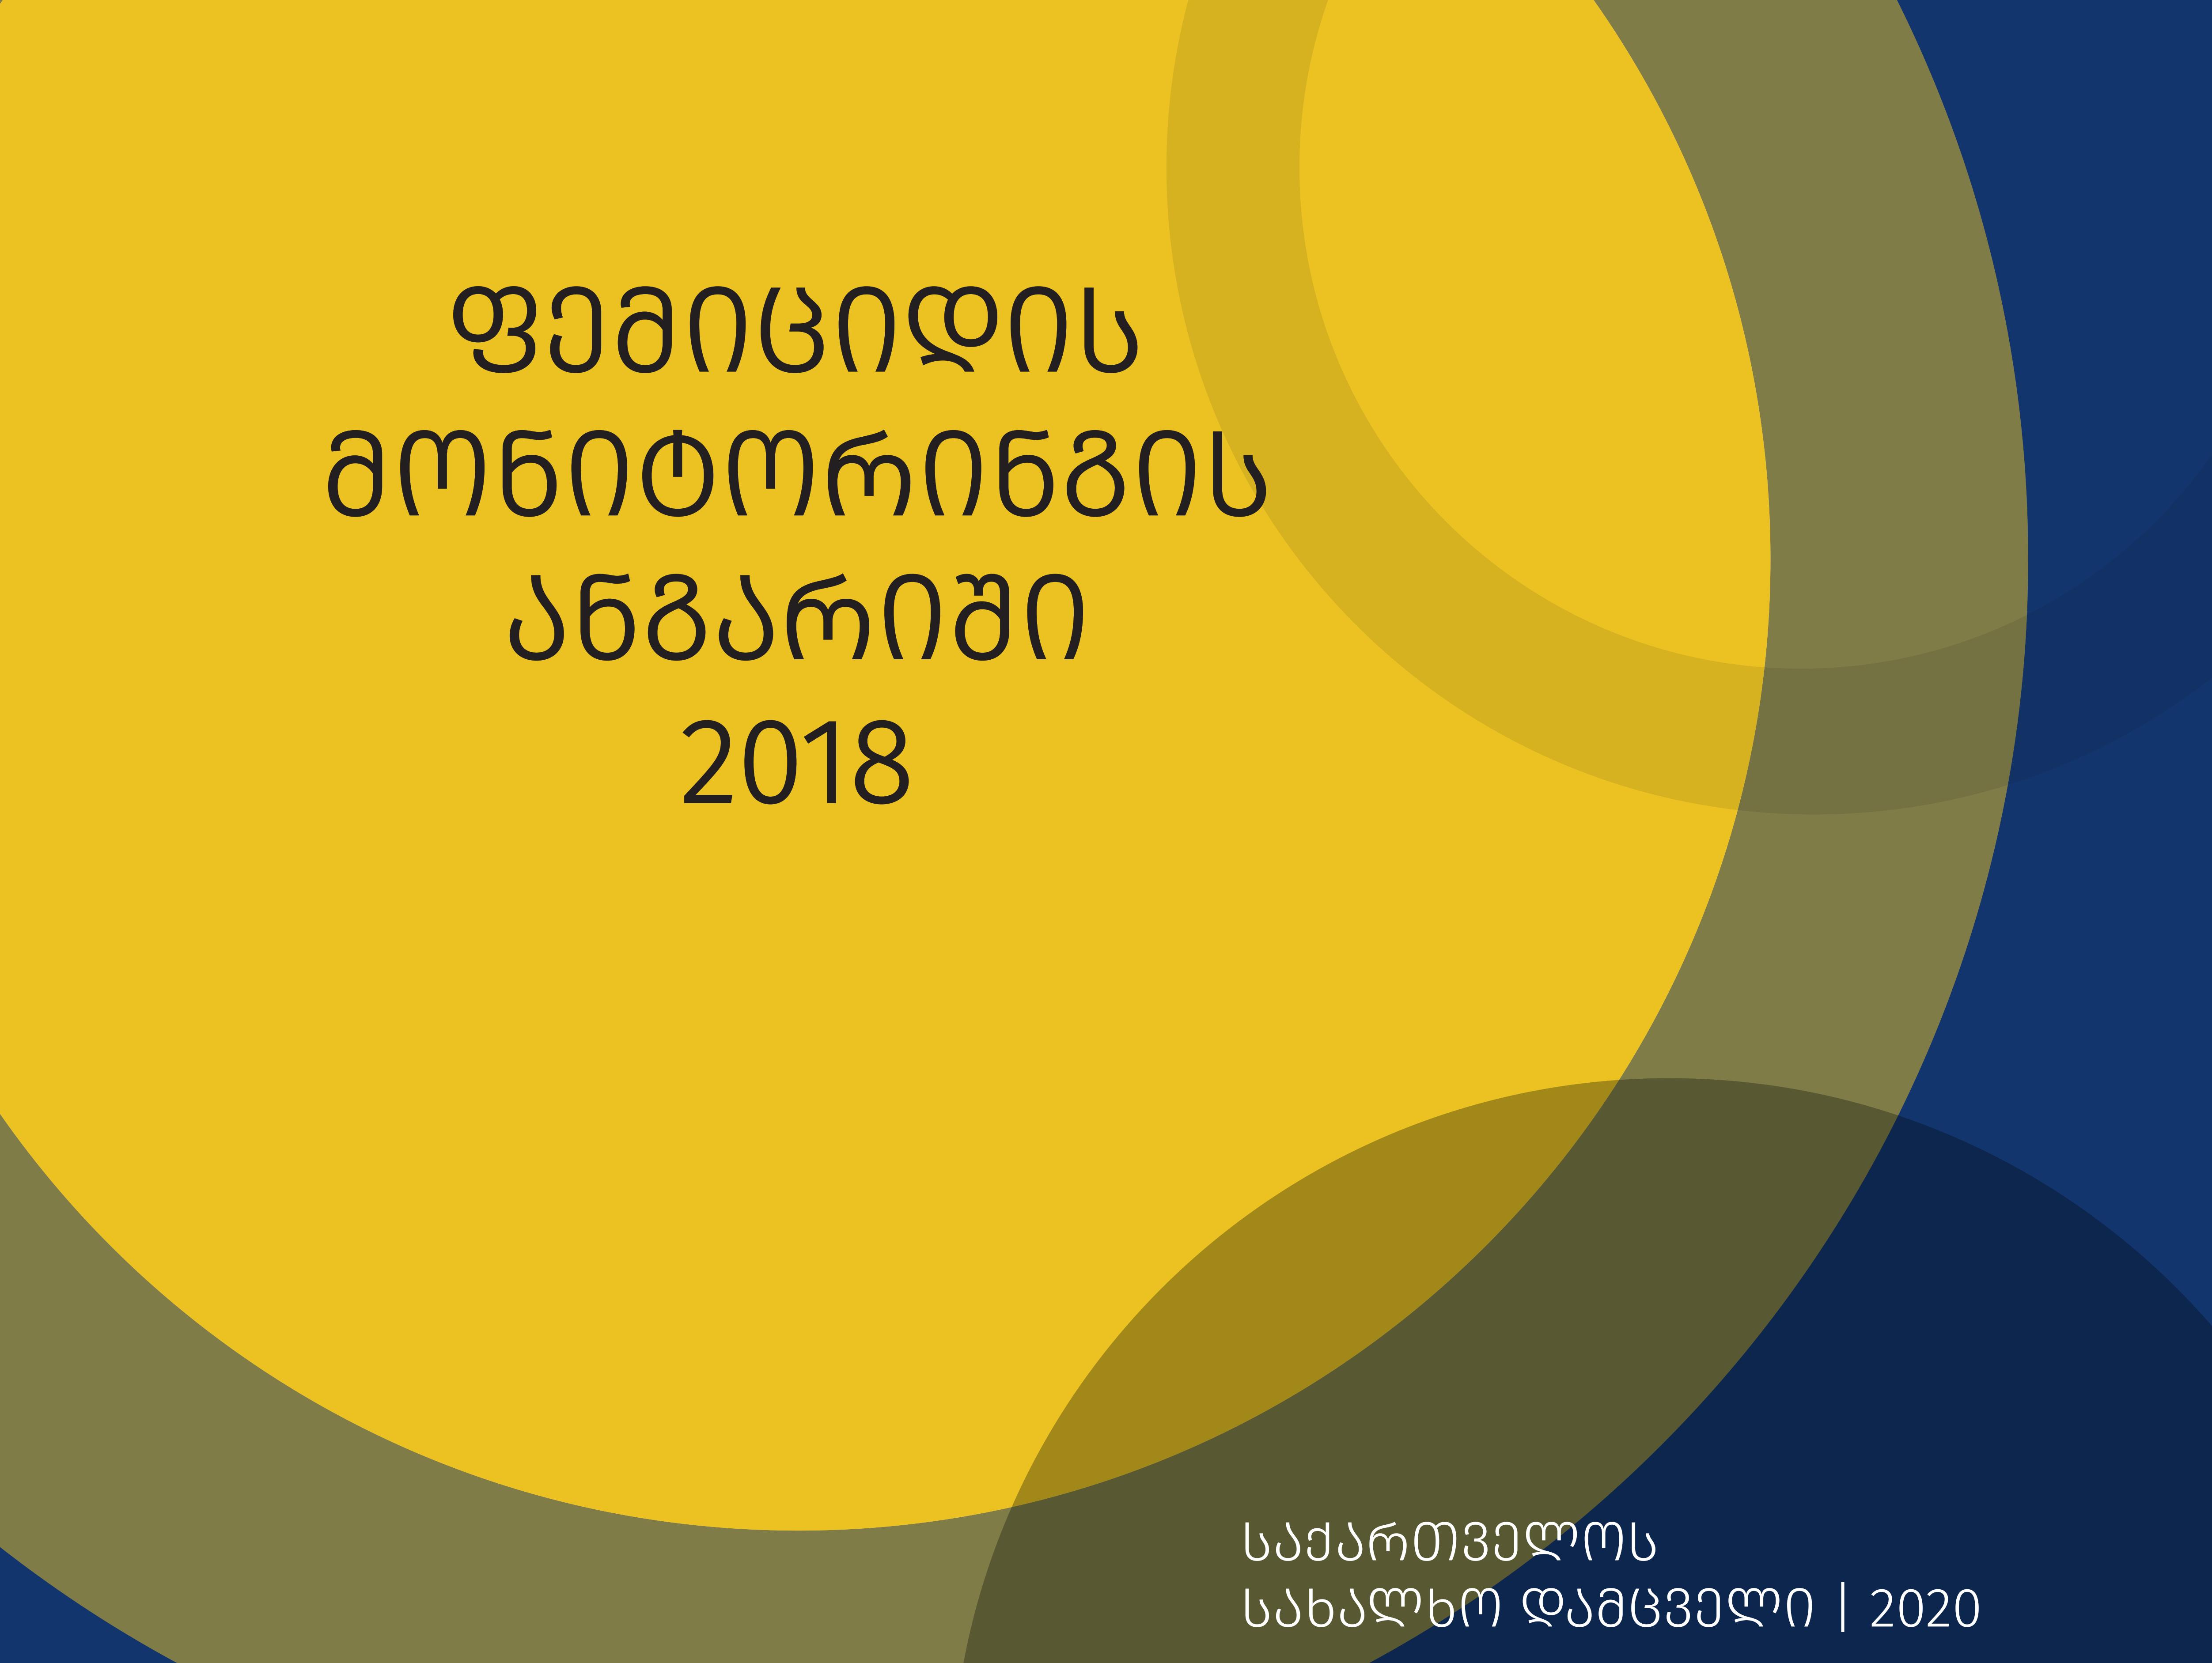 ფემიციდის მონიტორინგის ანგარიში 2018